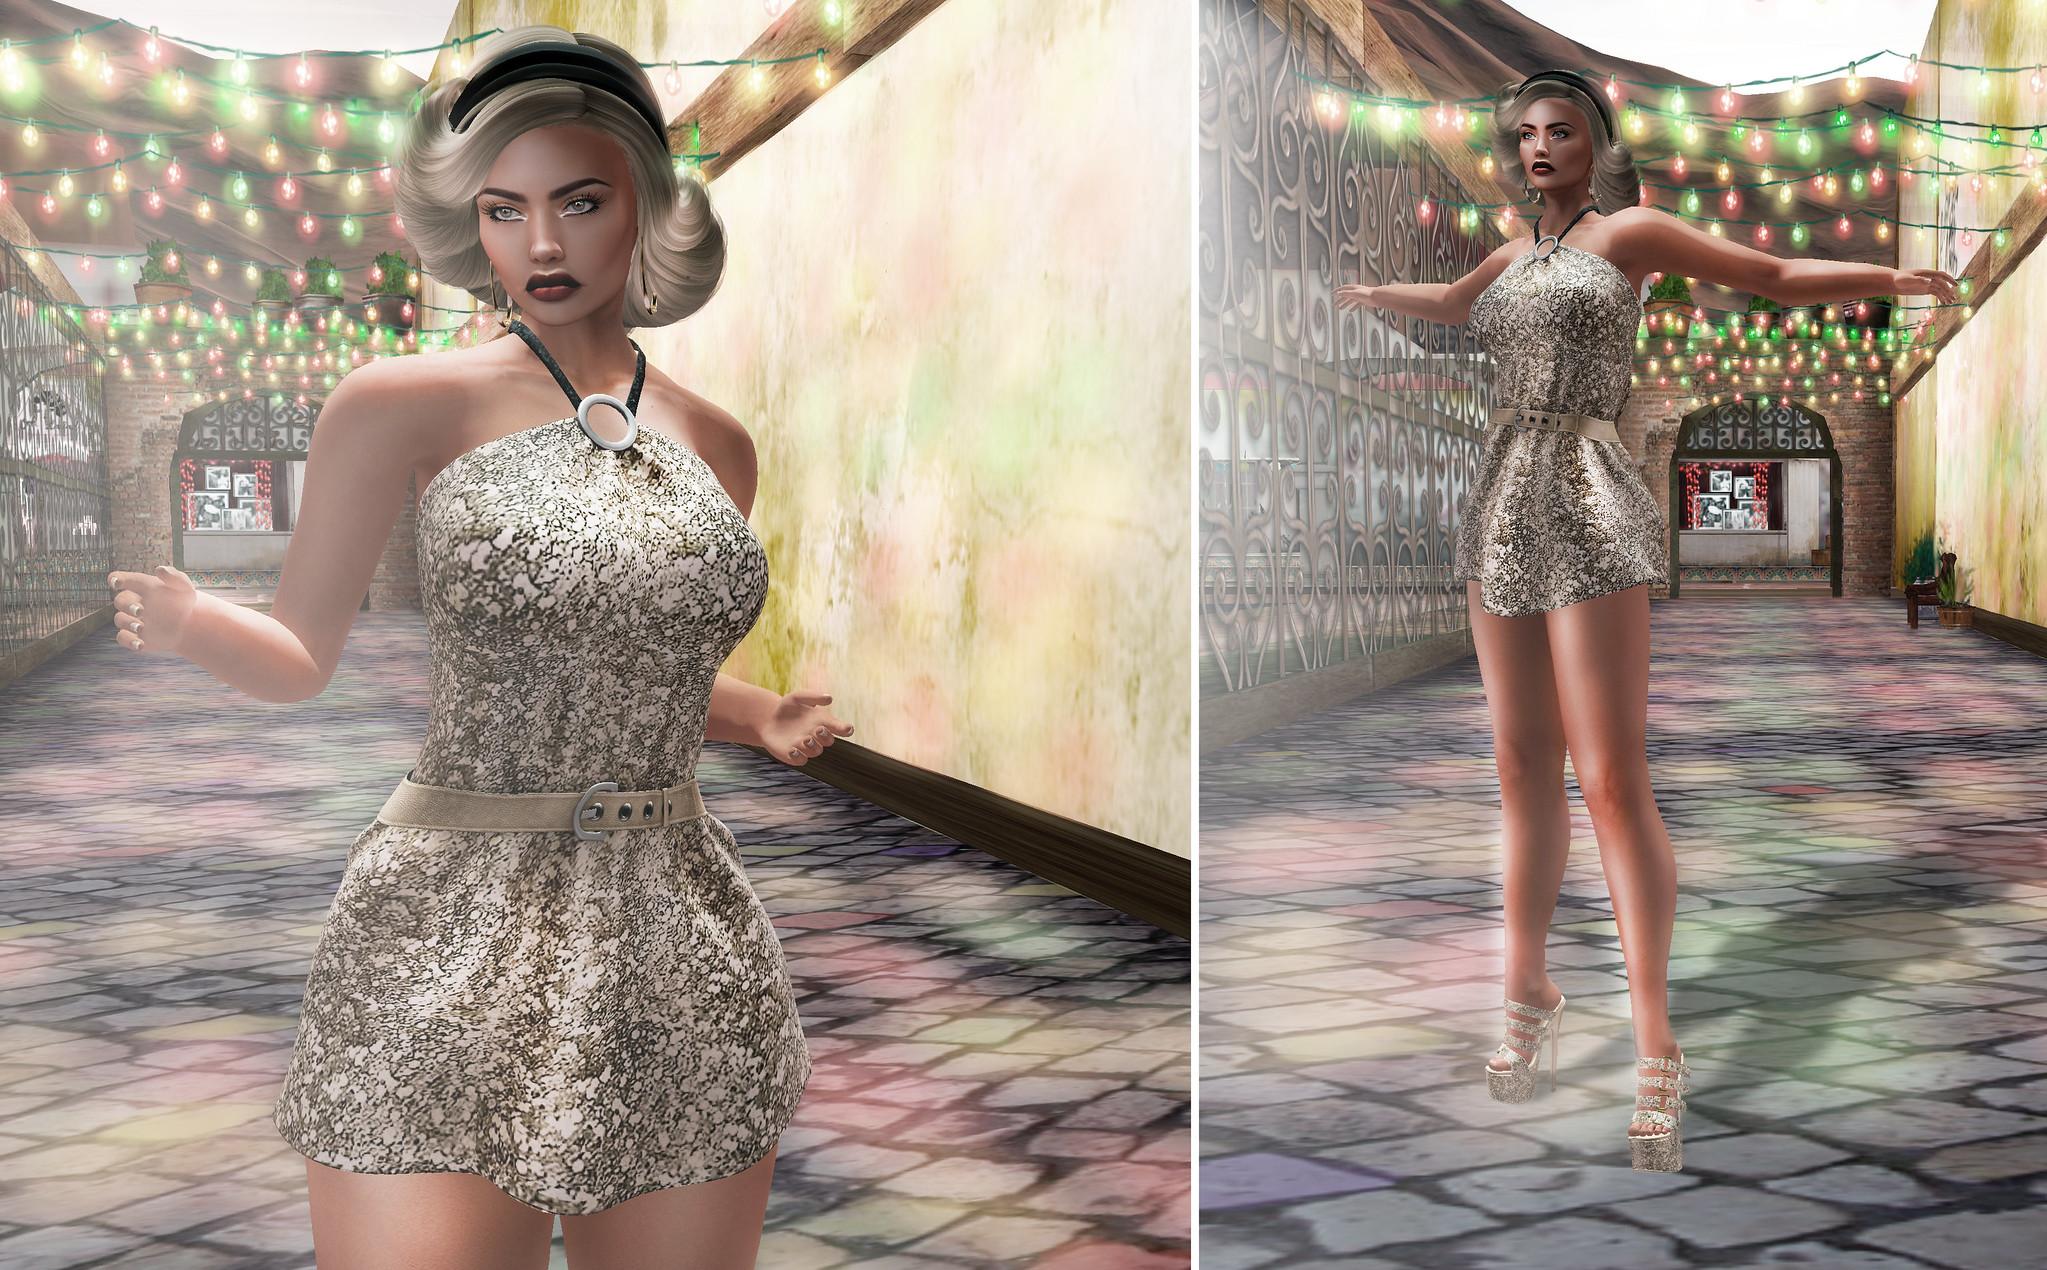 NeW!!! *Stars*Fashions* / .:EMO-tions:.